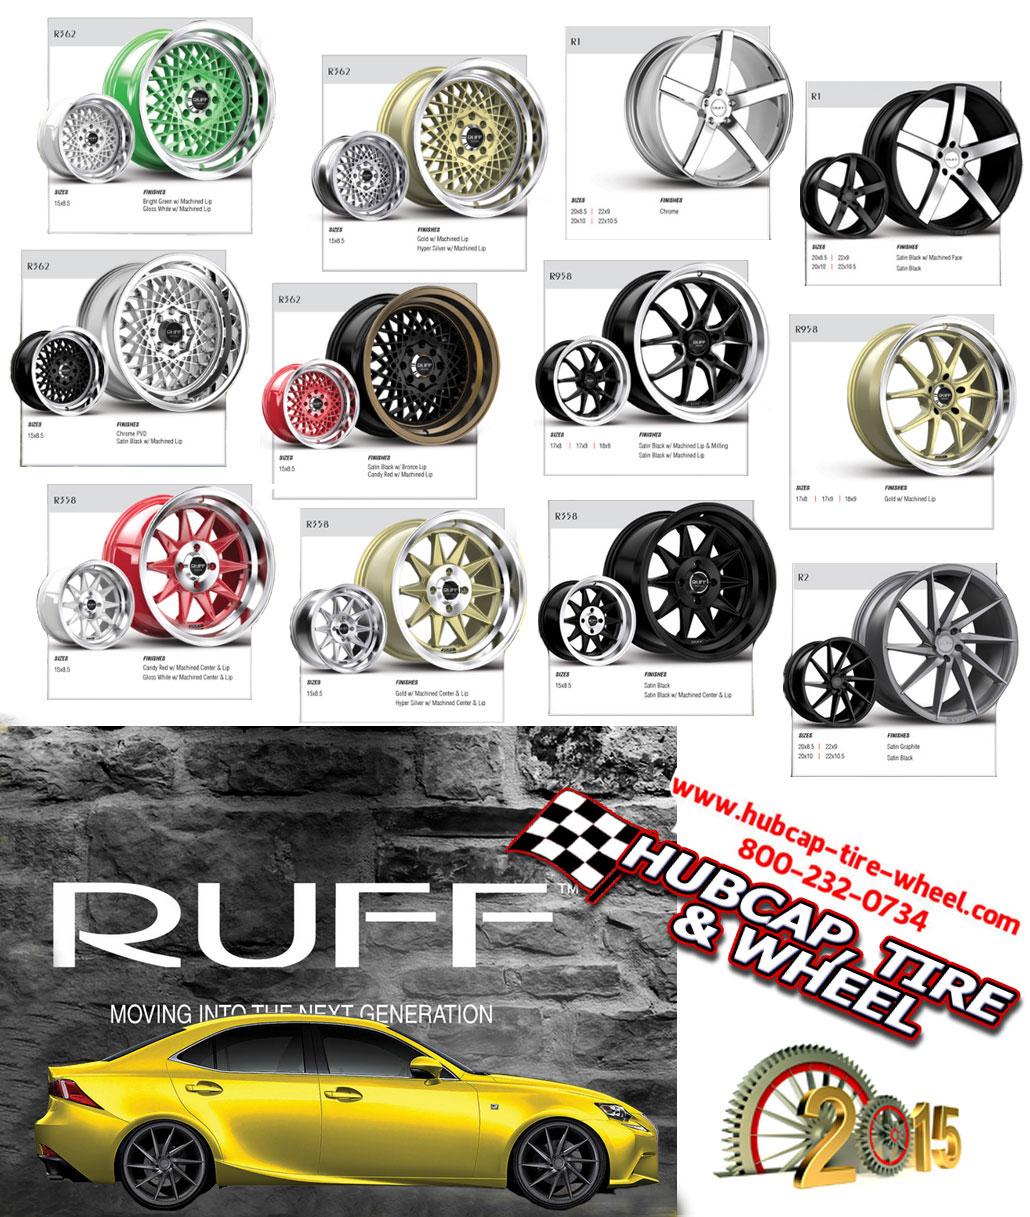 new 2015 ruff racing wheels rims